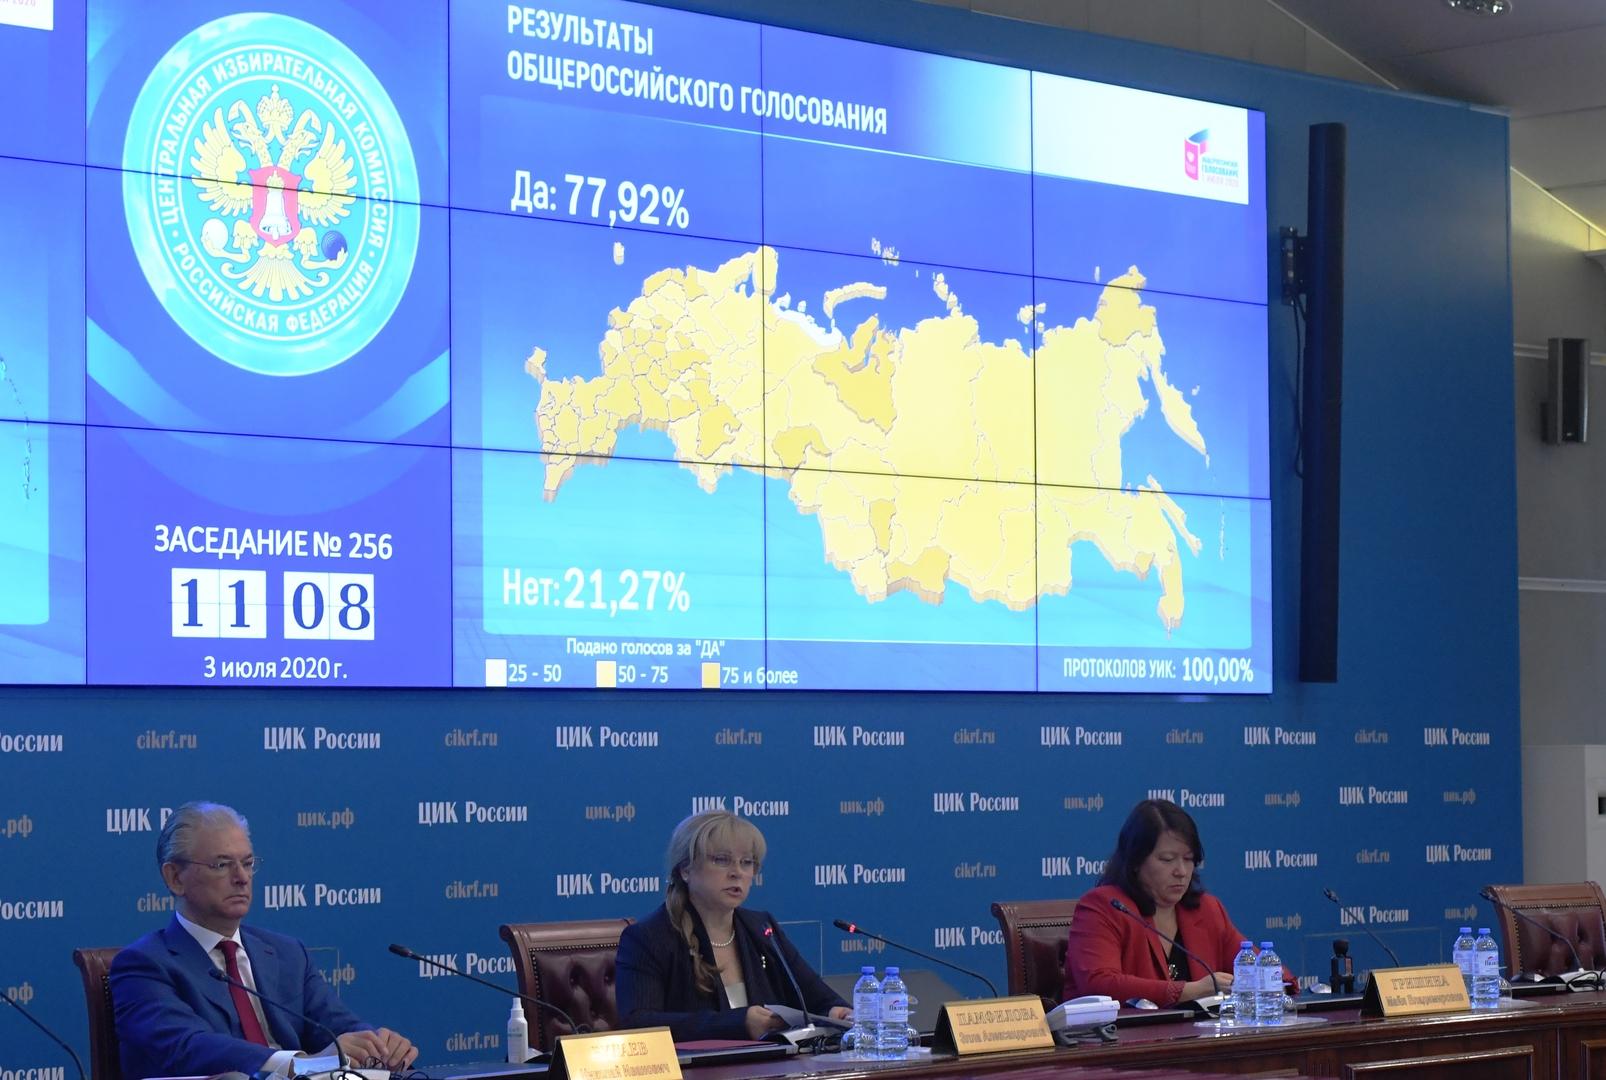 لجنة الانتخابات المركزية الروسية (صورة من الأرشيف)